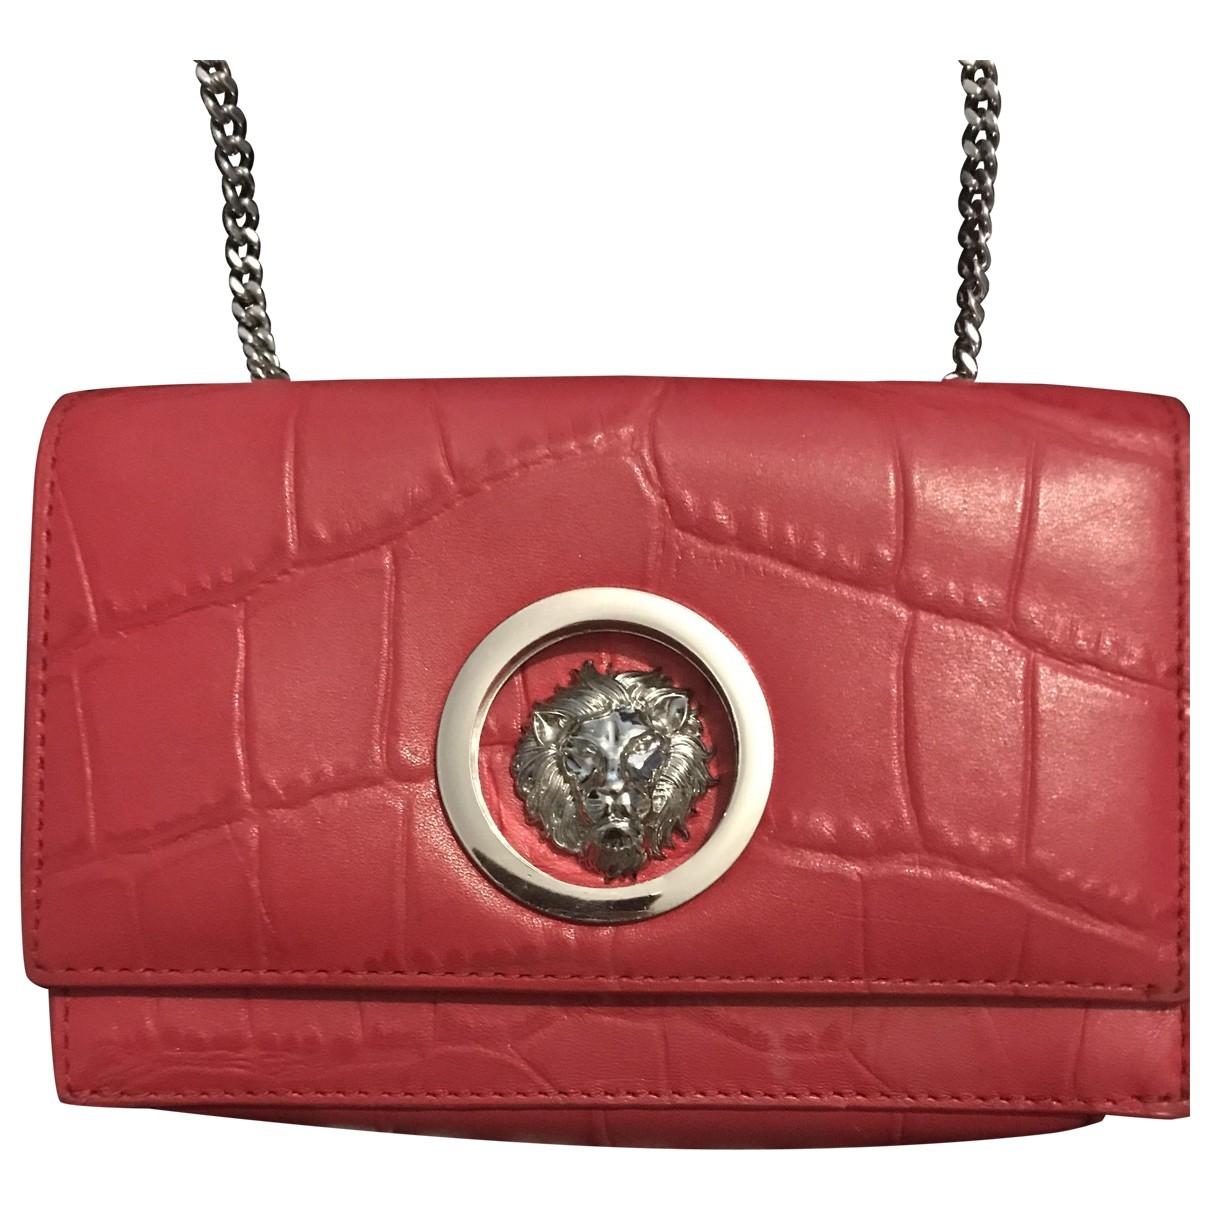 Versus \N Handtasche in  Rot Leder